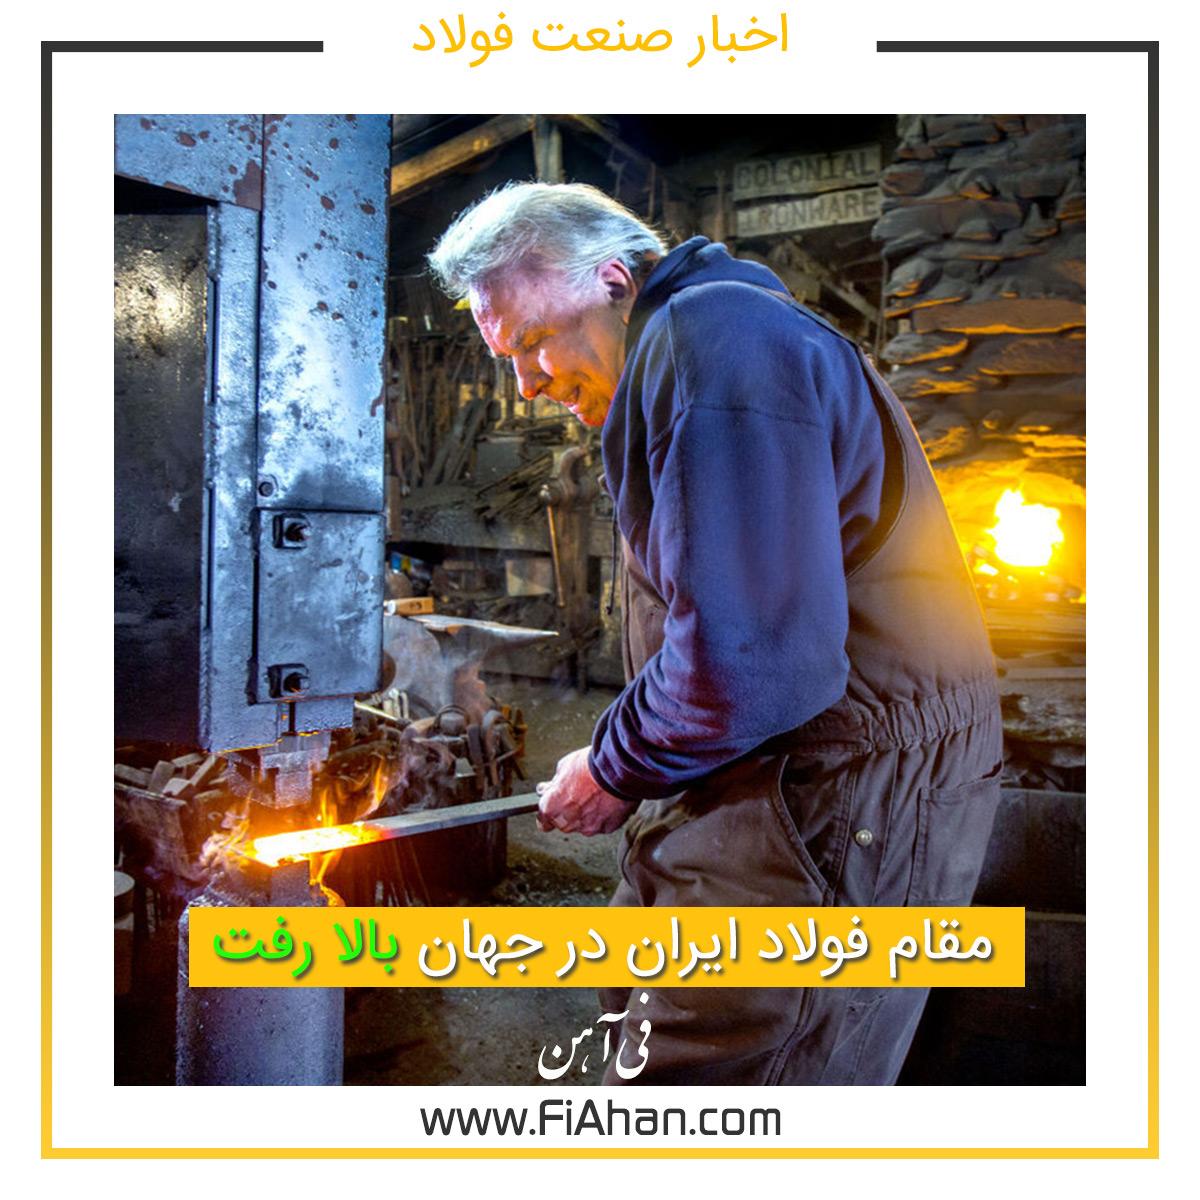 مقام فولاد ایران در جهان بالا رفت